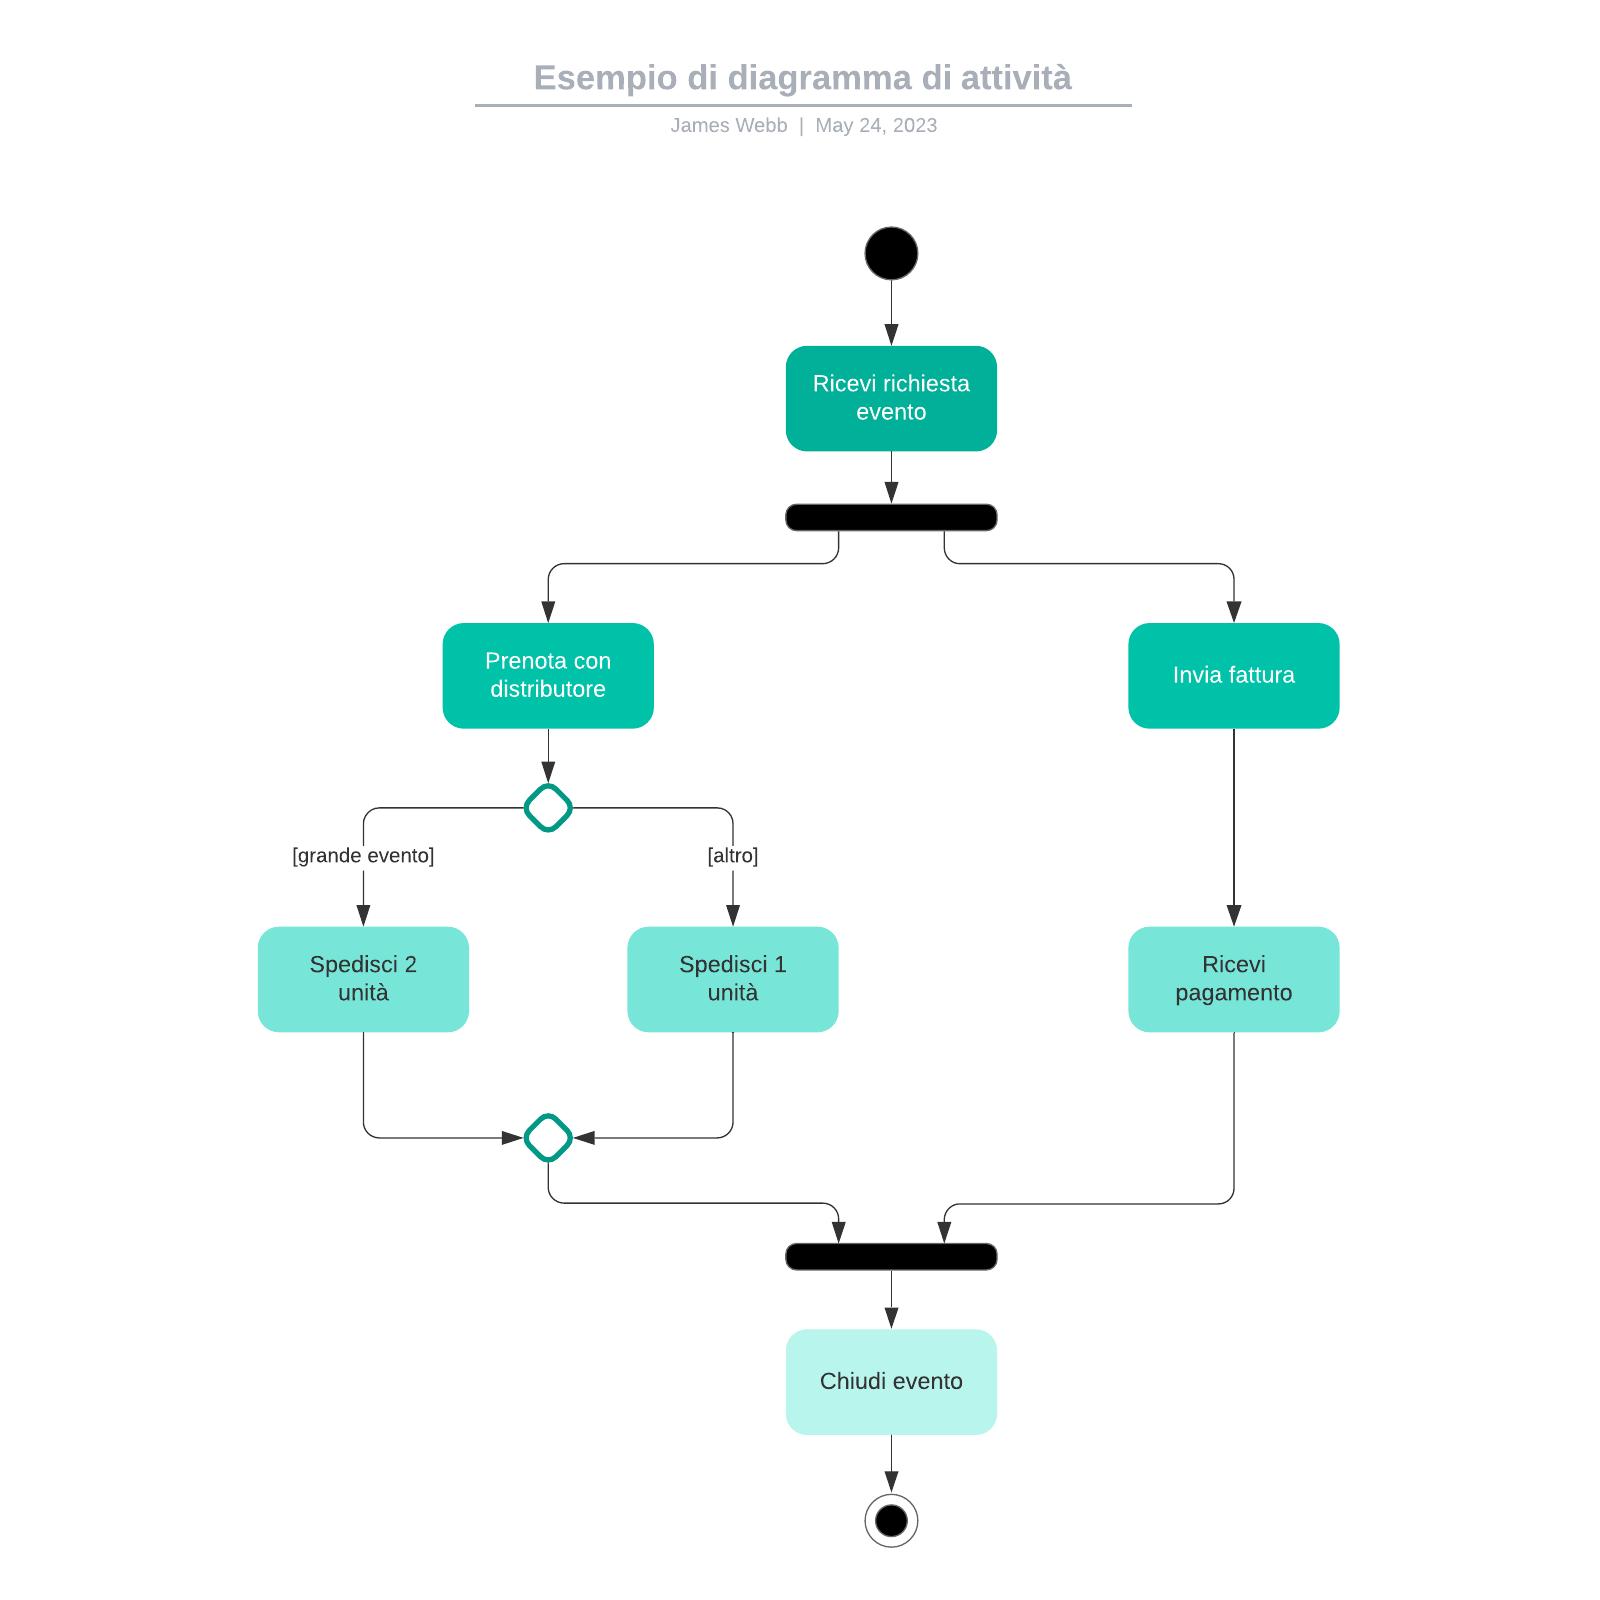 Esempio di diagramma di attività